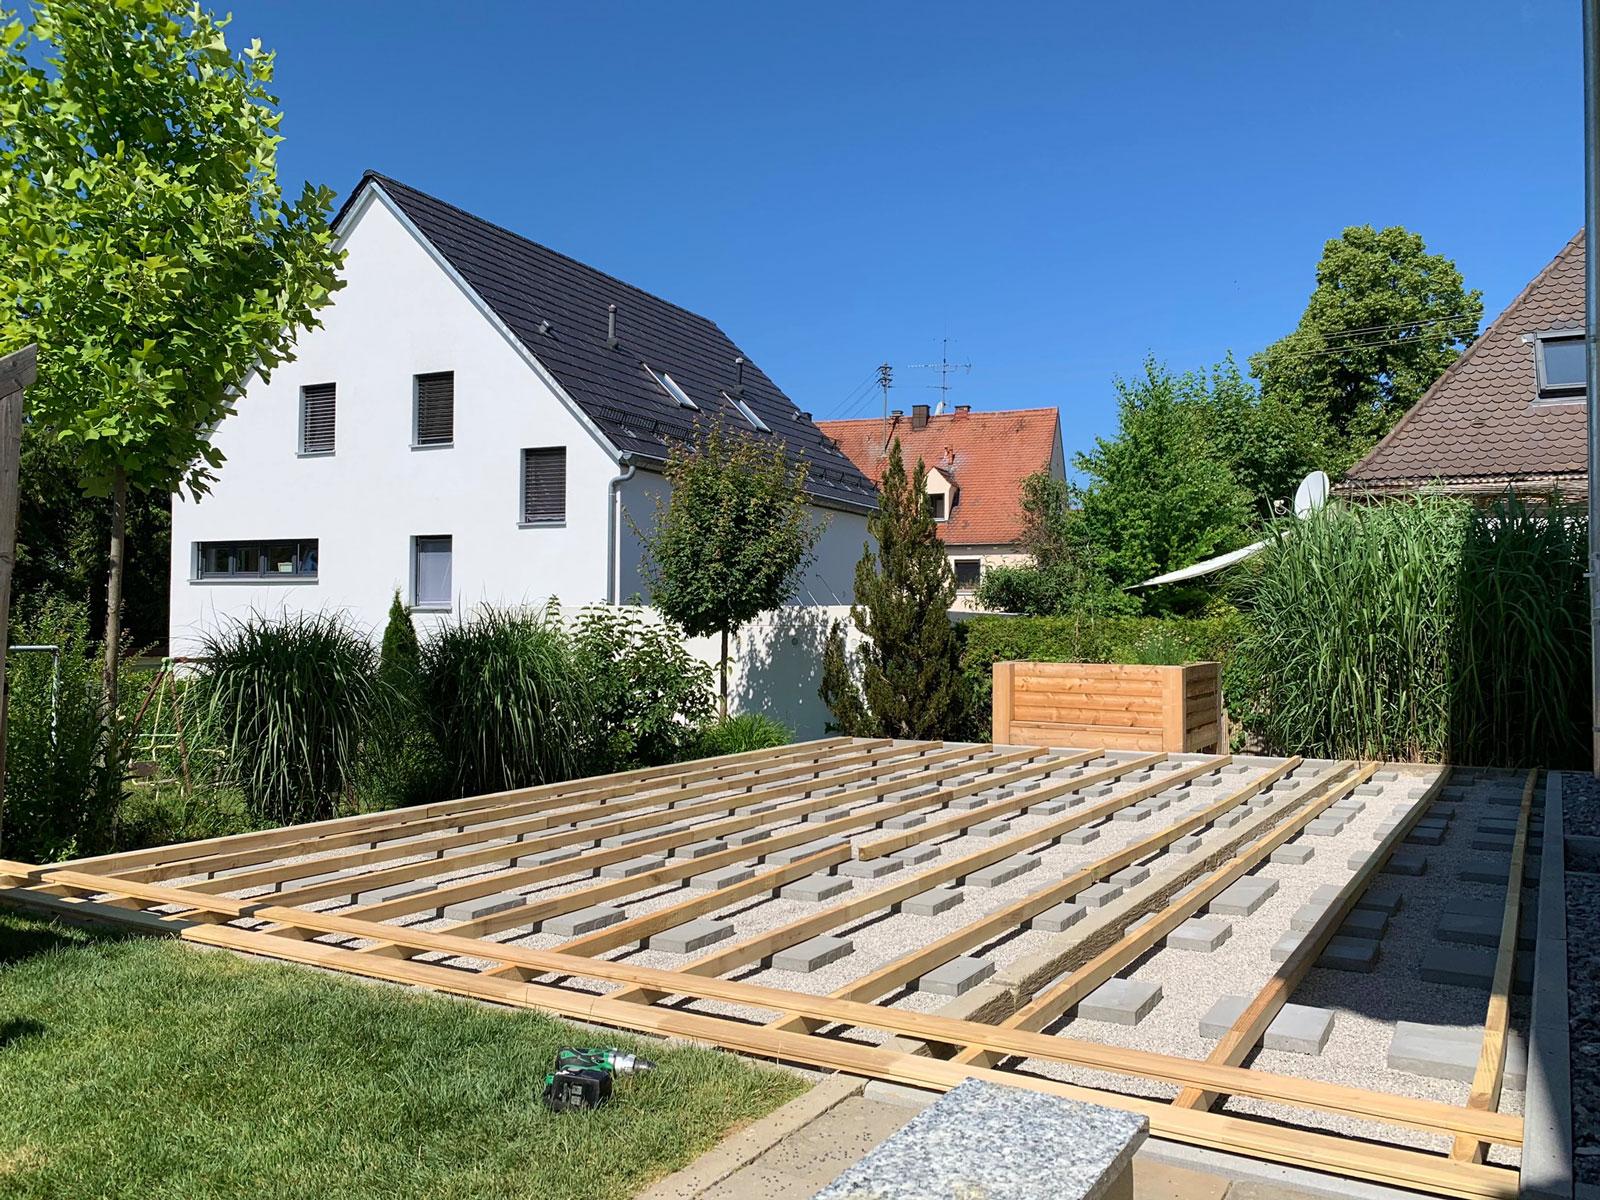 Unterkonstruktion aus Robinie für Terrasse aus Robinie